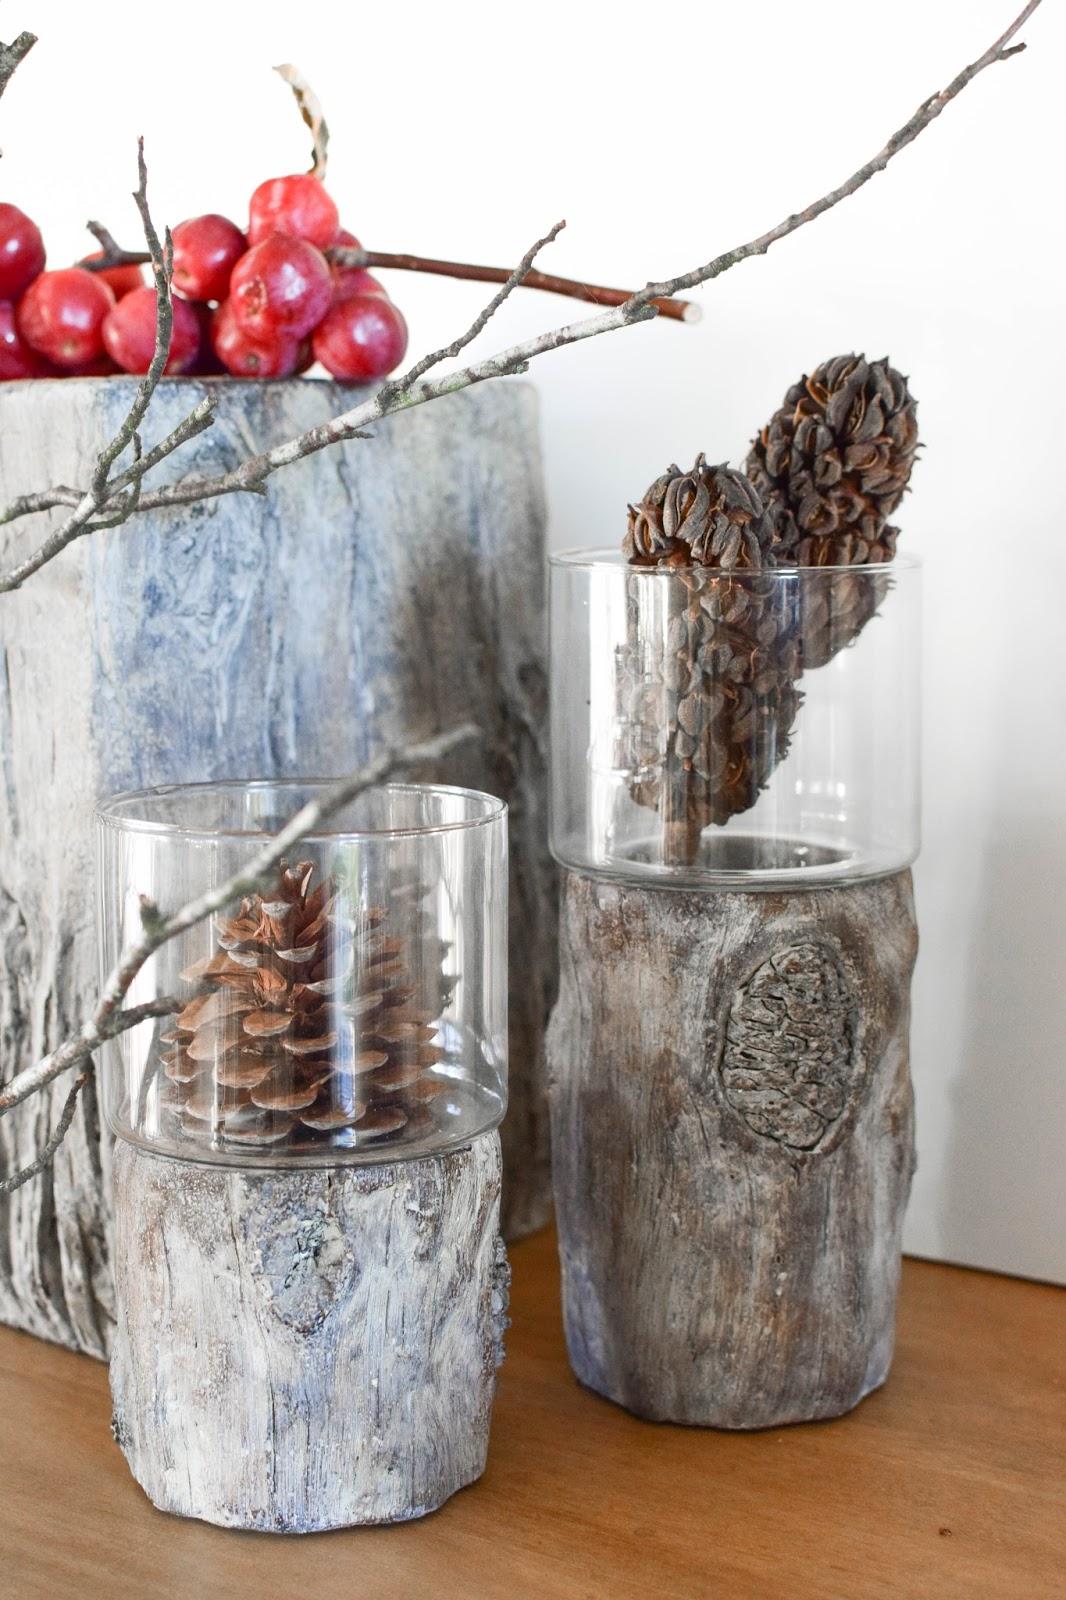 Deko mit Natur, Zapfen, Zieräpfeln und tollen Windlichtern von Homefinity aus der Serie Bark, Dekoration Sideboard Herbst Winter Deko